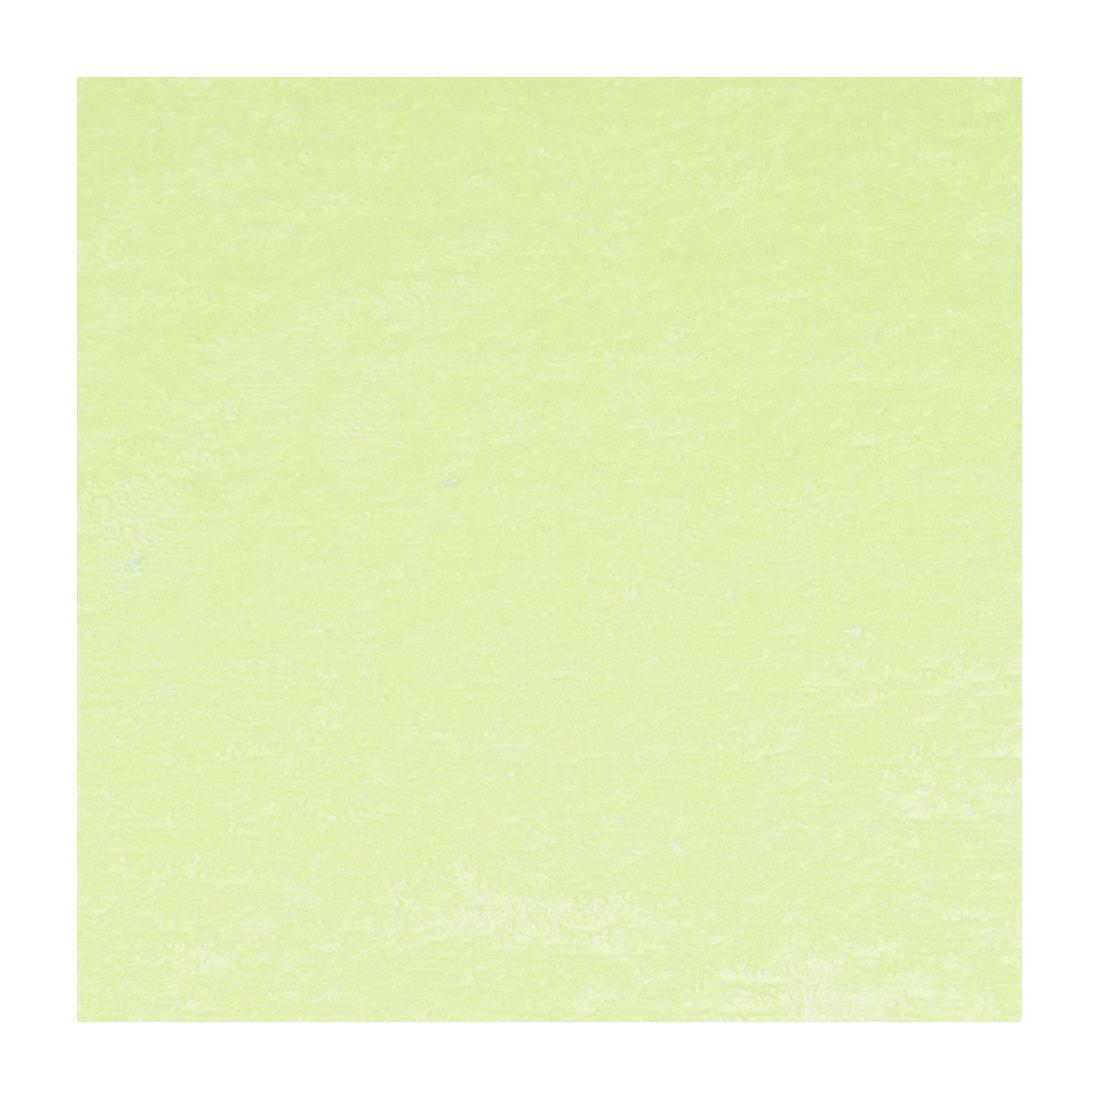 NP sedák zdrav. 40x50 froté Z, zelená